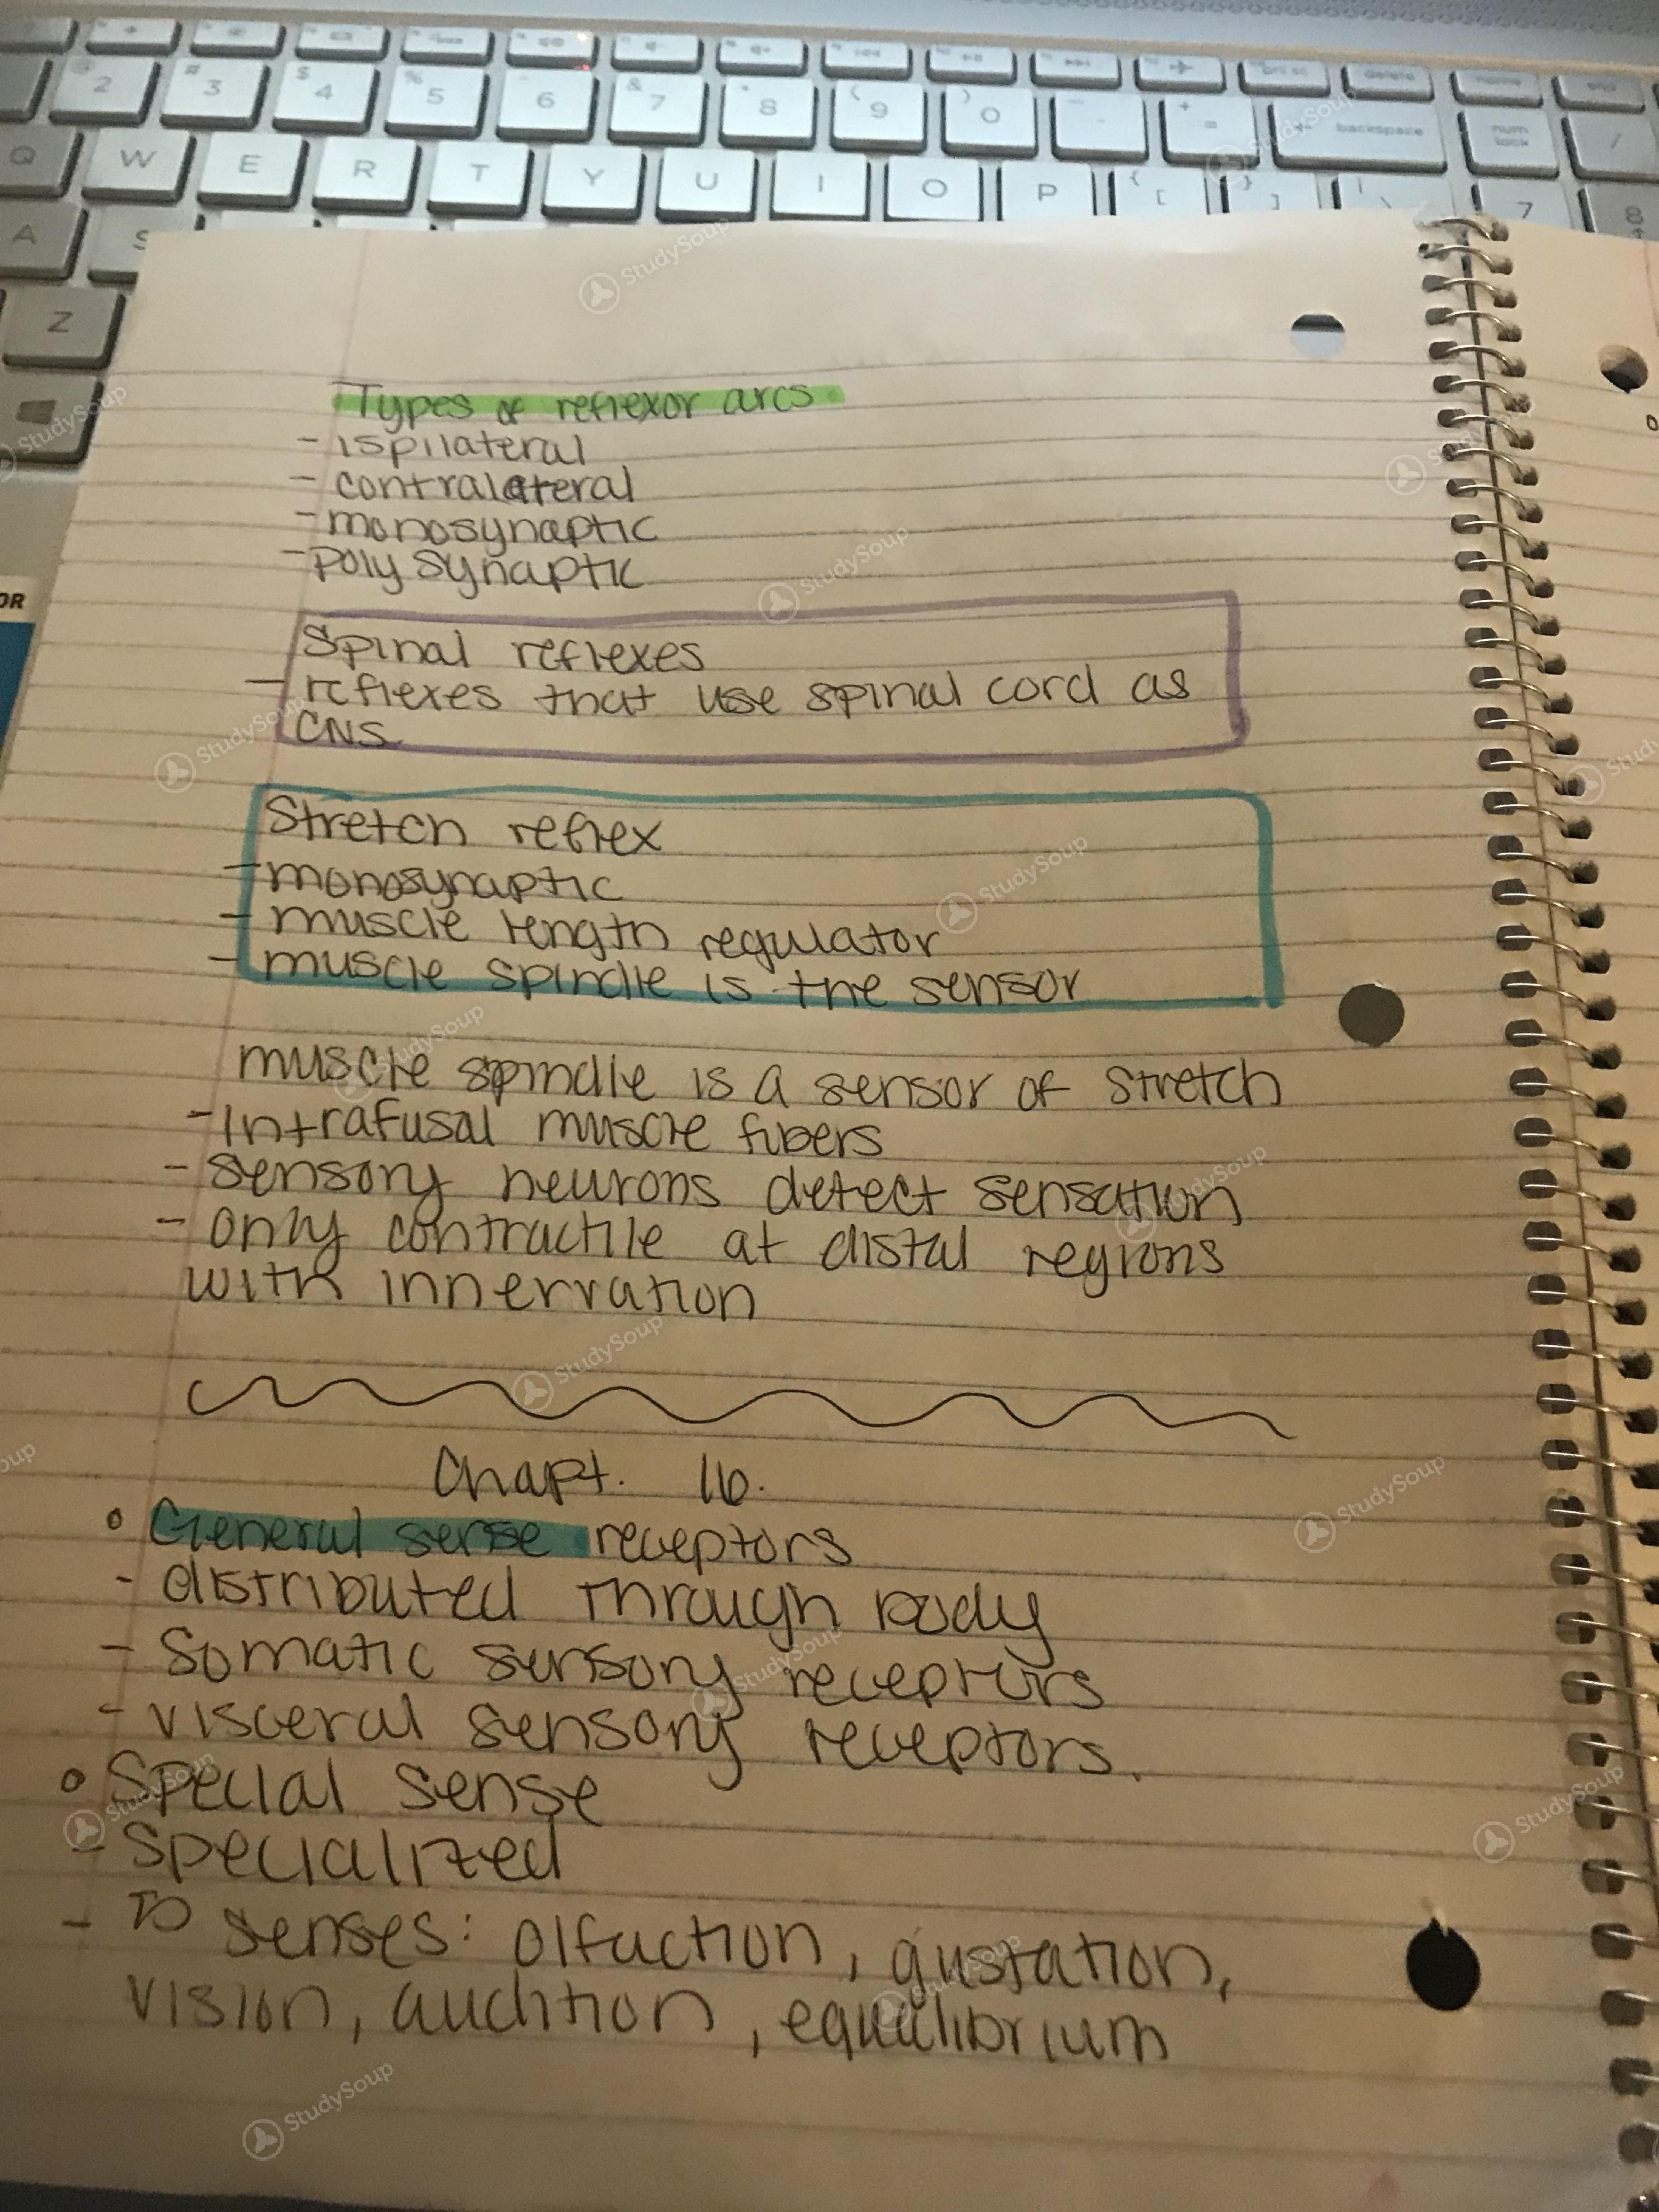 GSU - BIOL 2110 - anatomy exam 3 notes - Study Guide   StudySoup